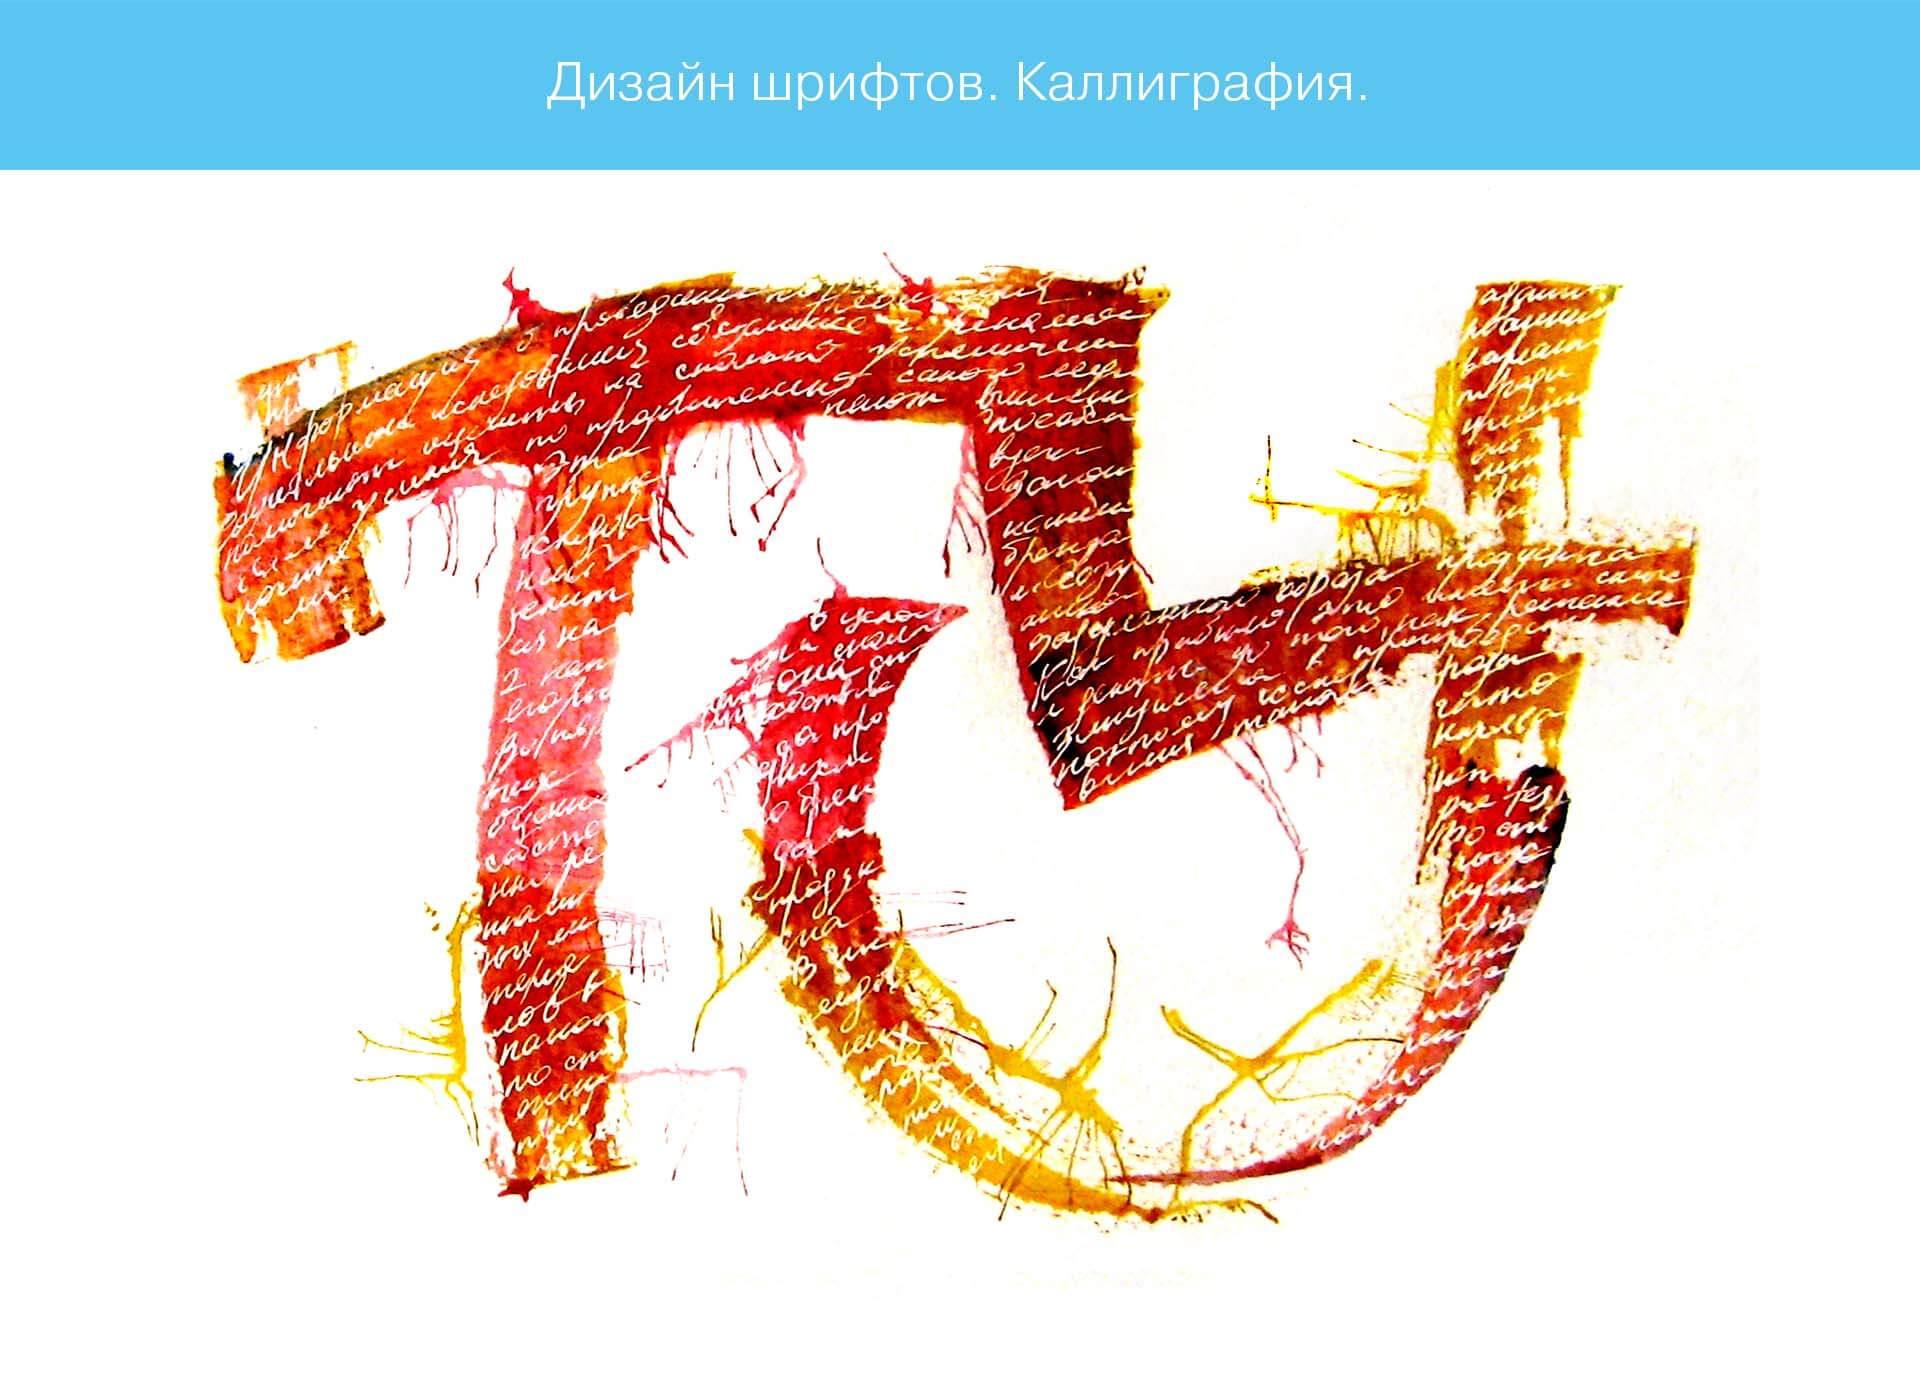 prokochuk_irina_font-design_calligraphy_5